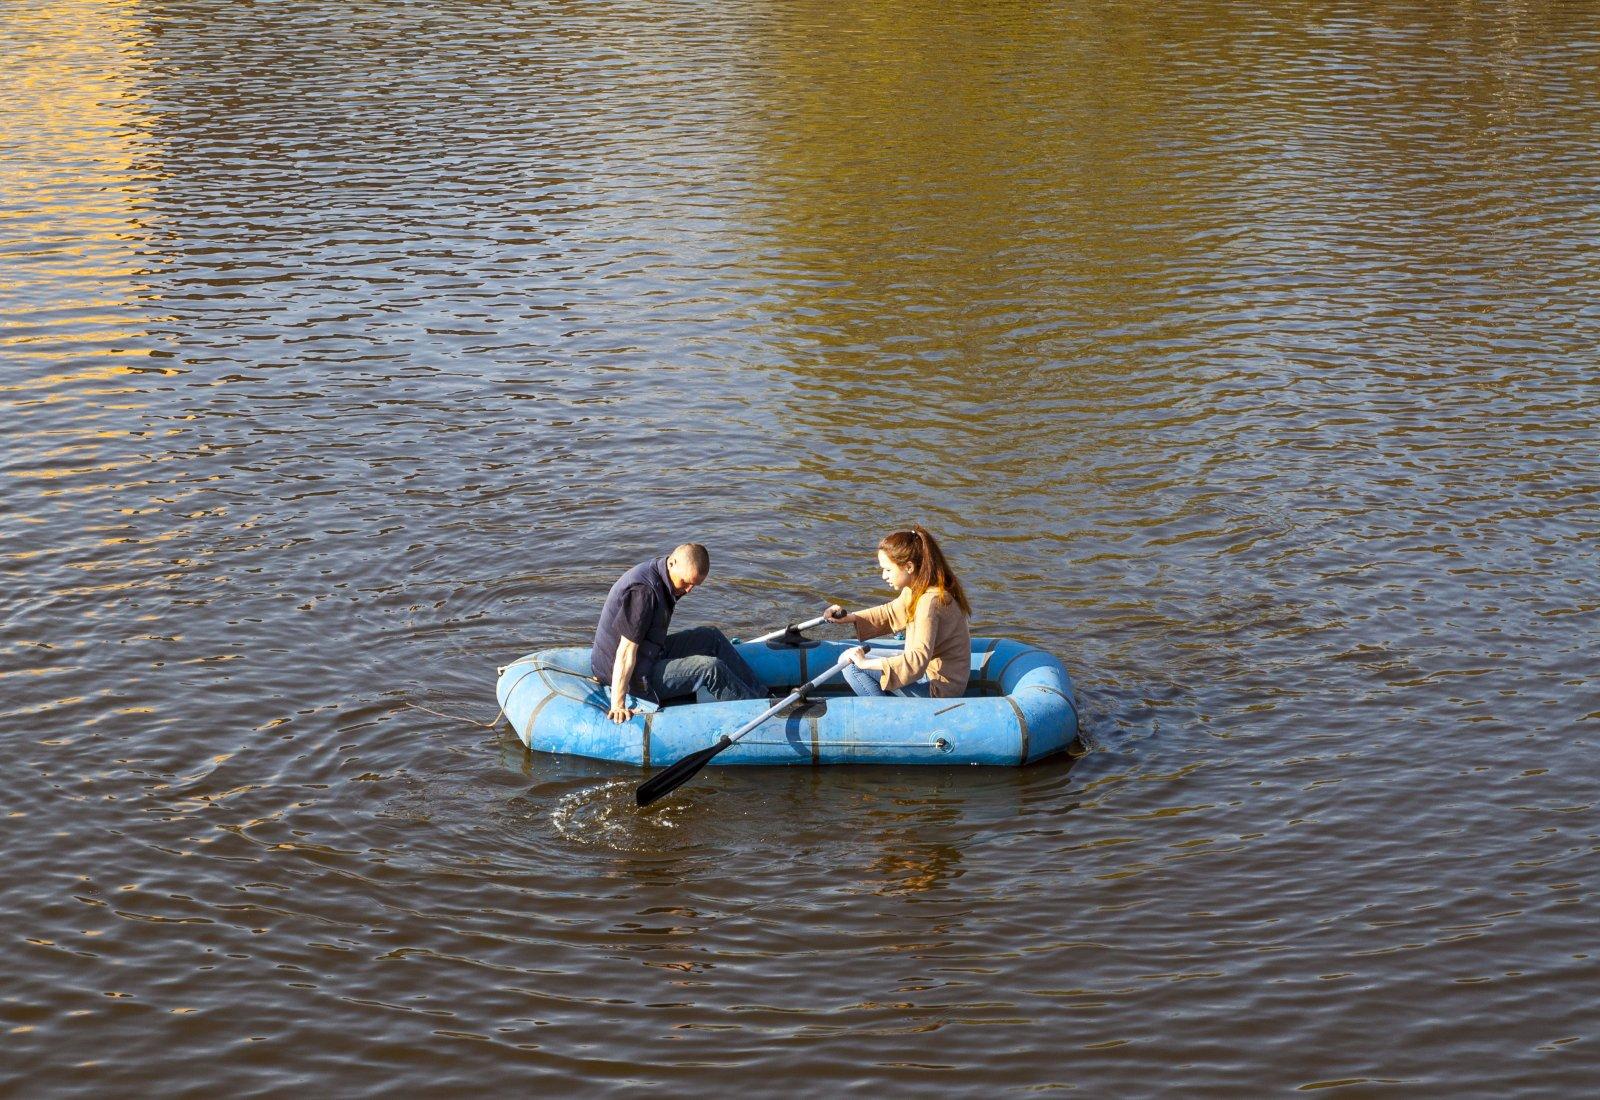 Мы на лодочке катались